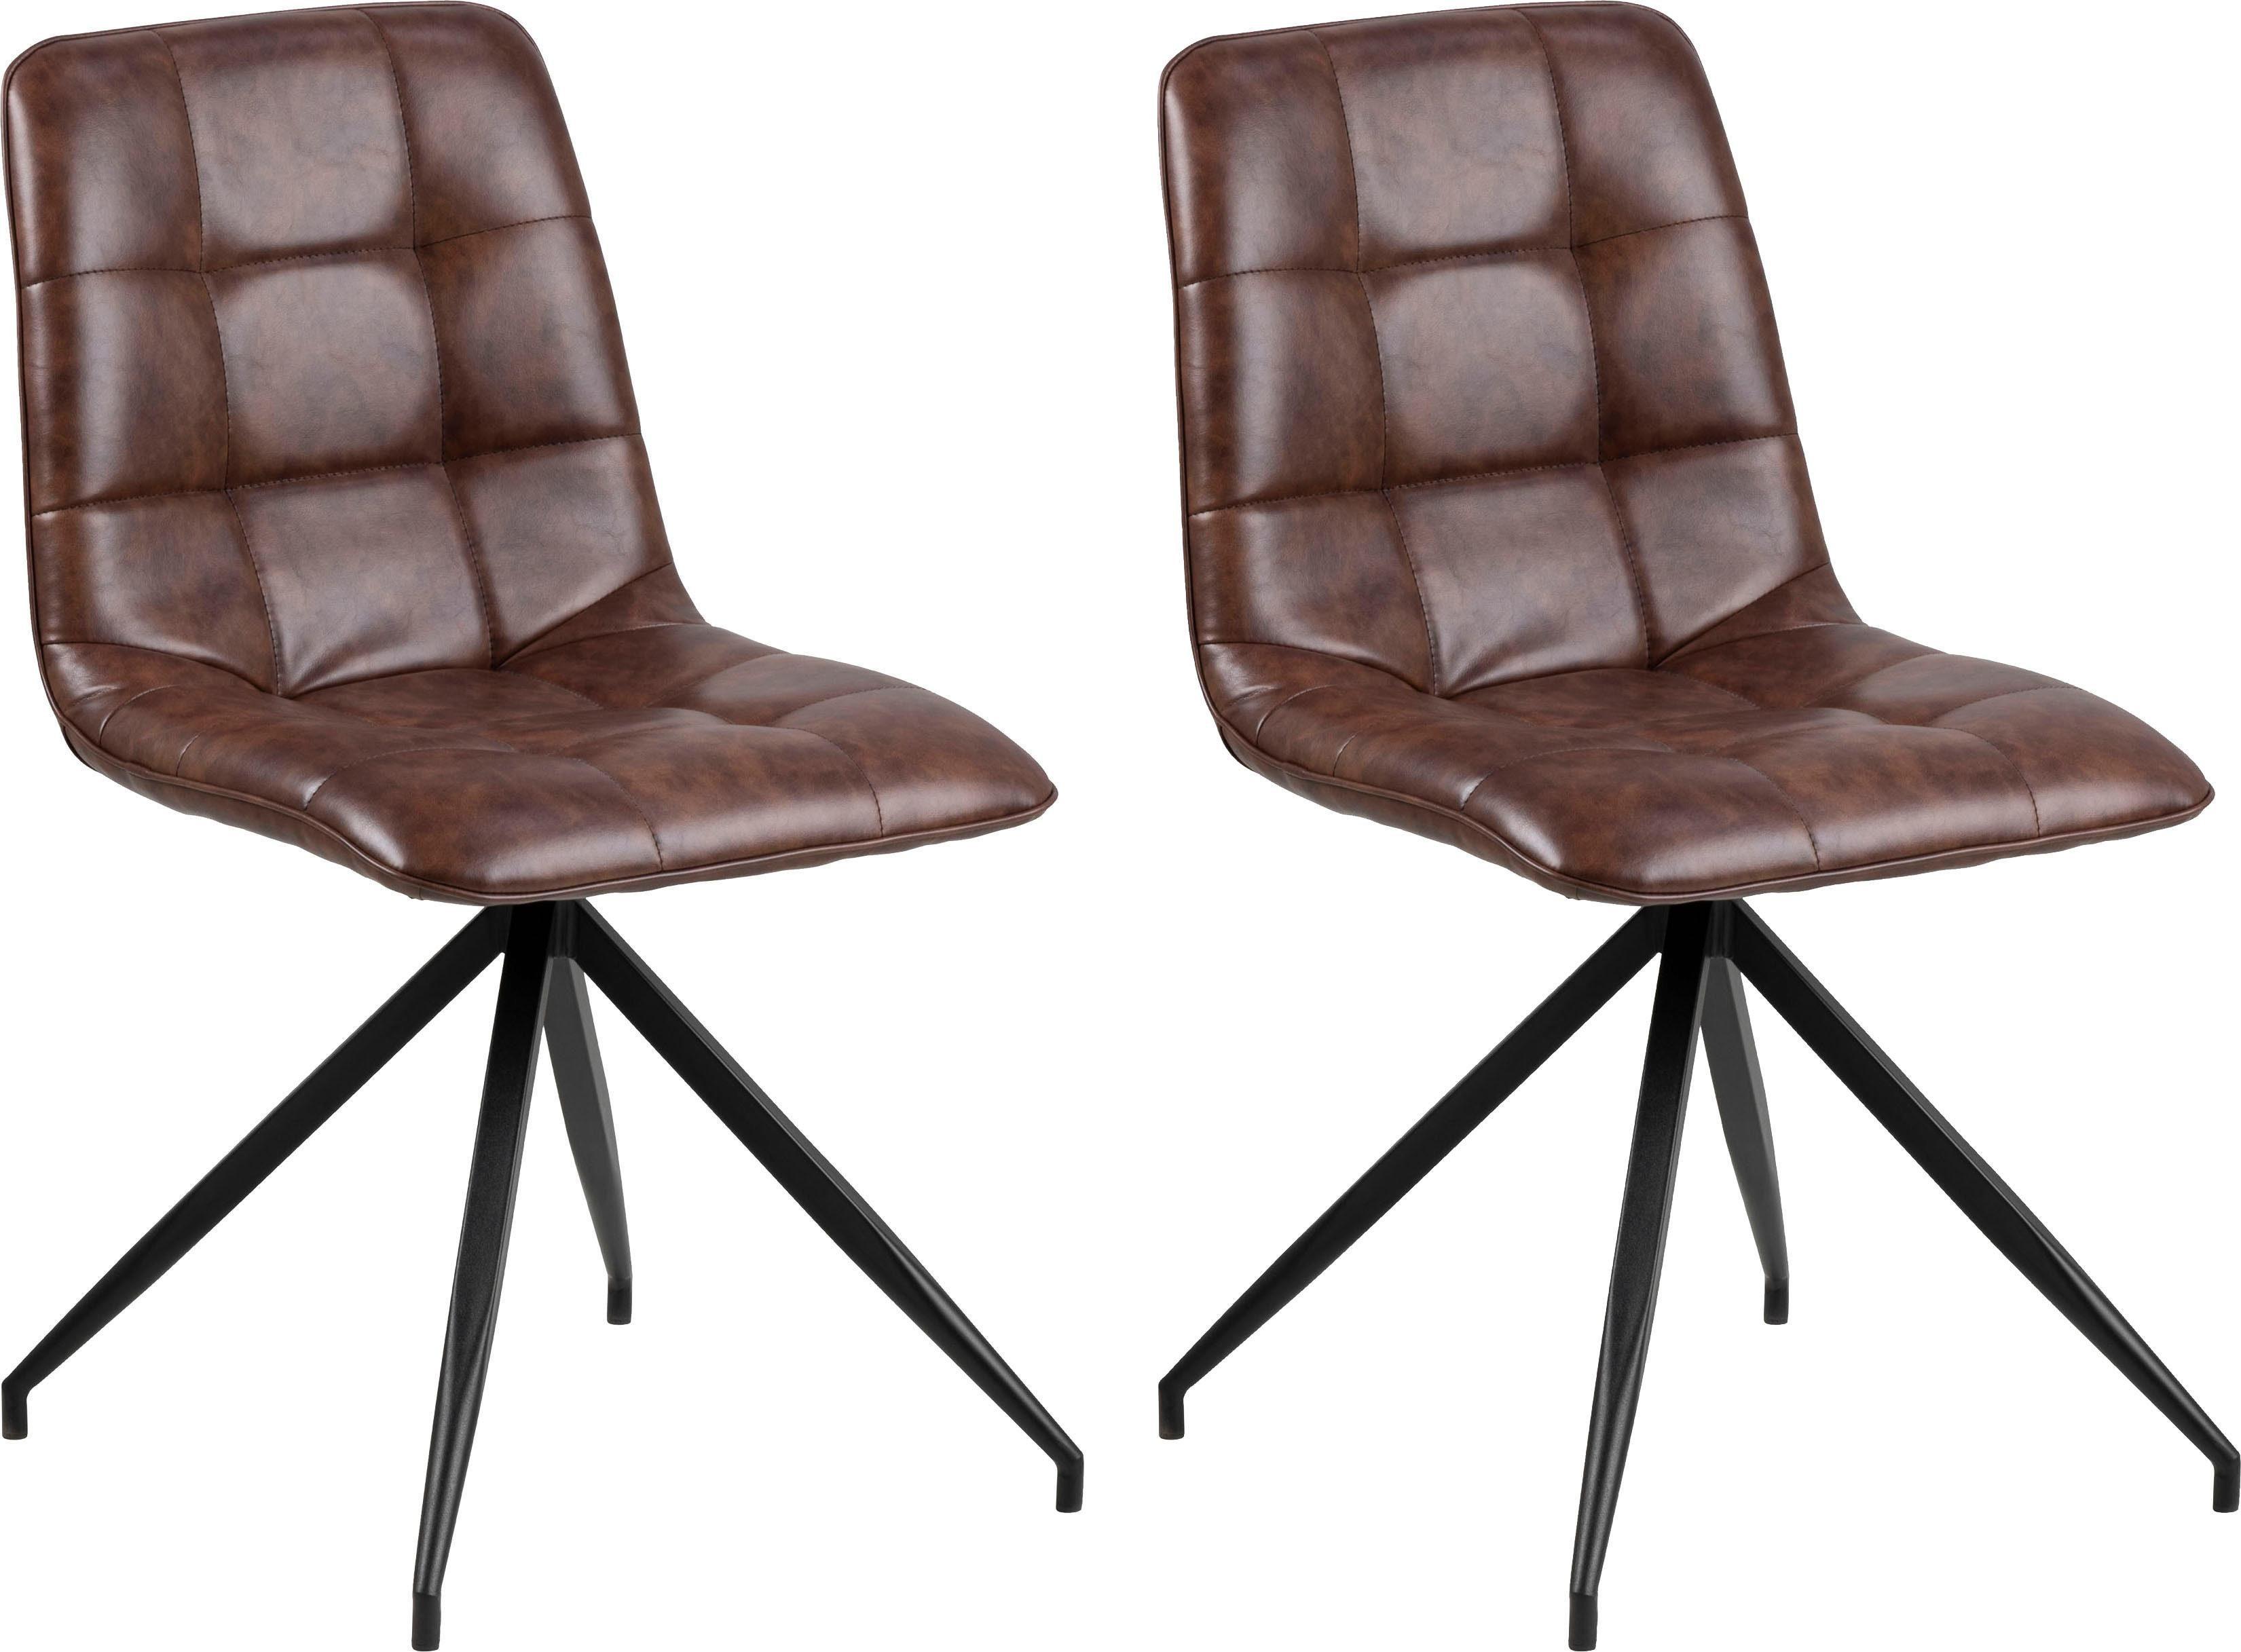 andas 2er Esszimmerstuhl Set »Caspar« mit schönen schwarzen Stahlbeinen und bequemen Kunstleder Bezug